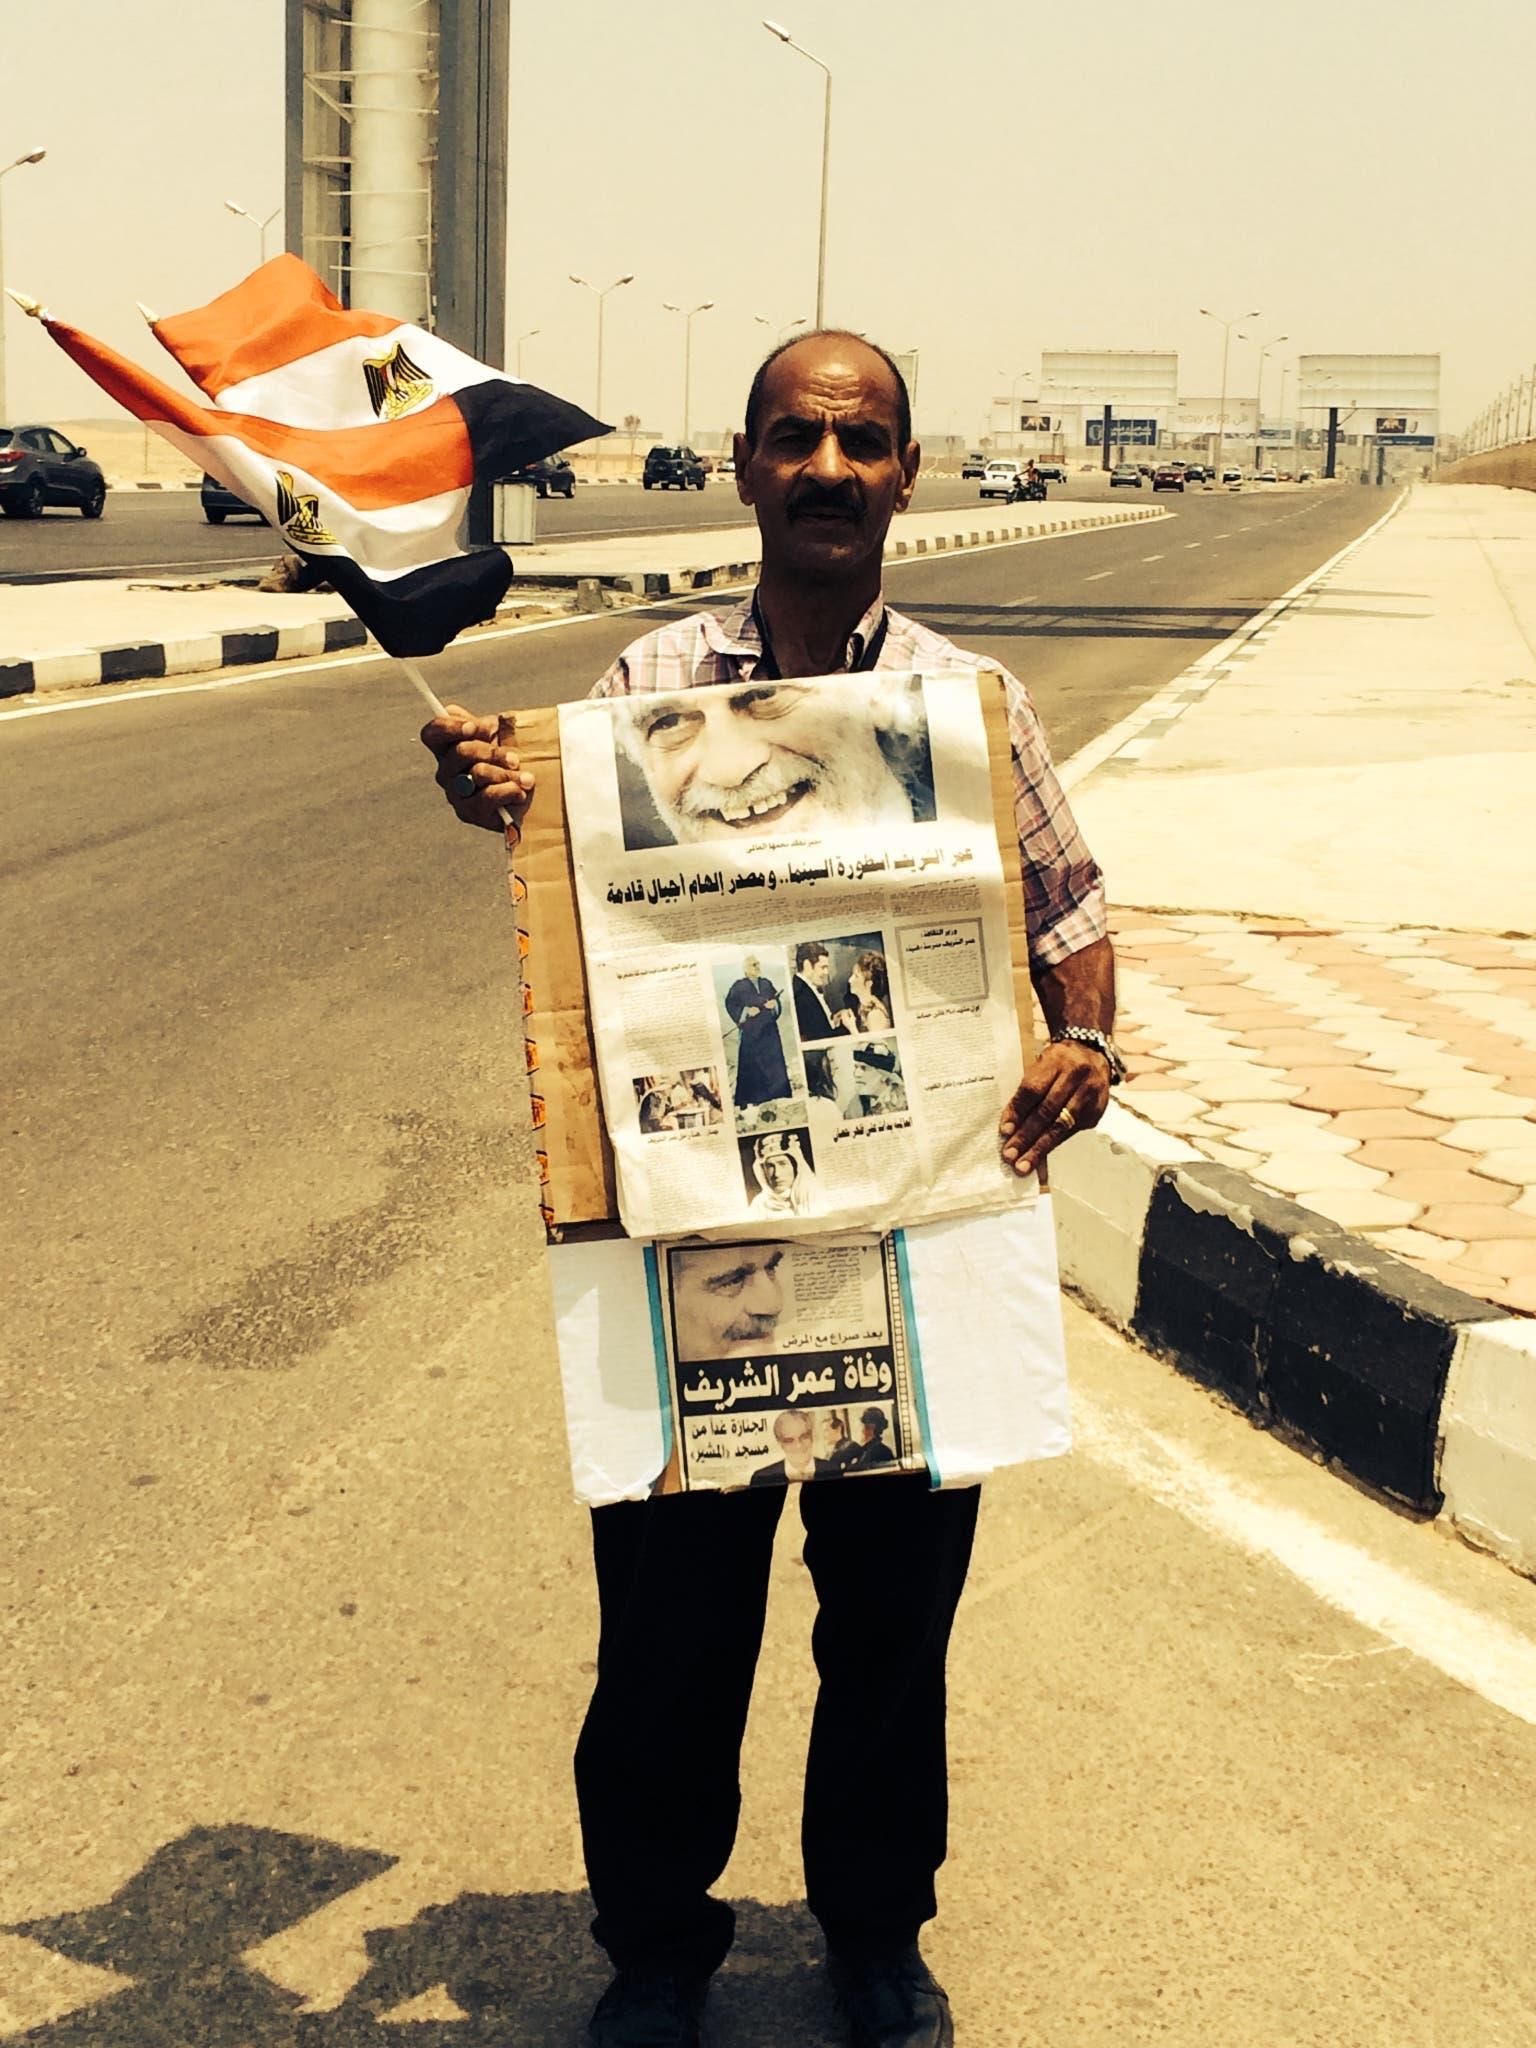 """مصر تشيع """"لورانس العرب"""" إلى مثواه الأخير 5b844651-6de8-4d5f-a10c-54735b2f8523"""